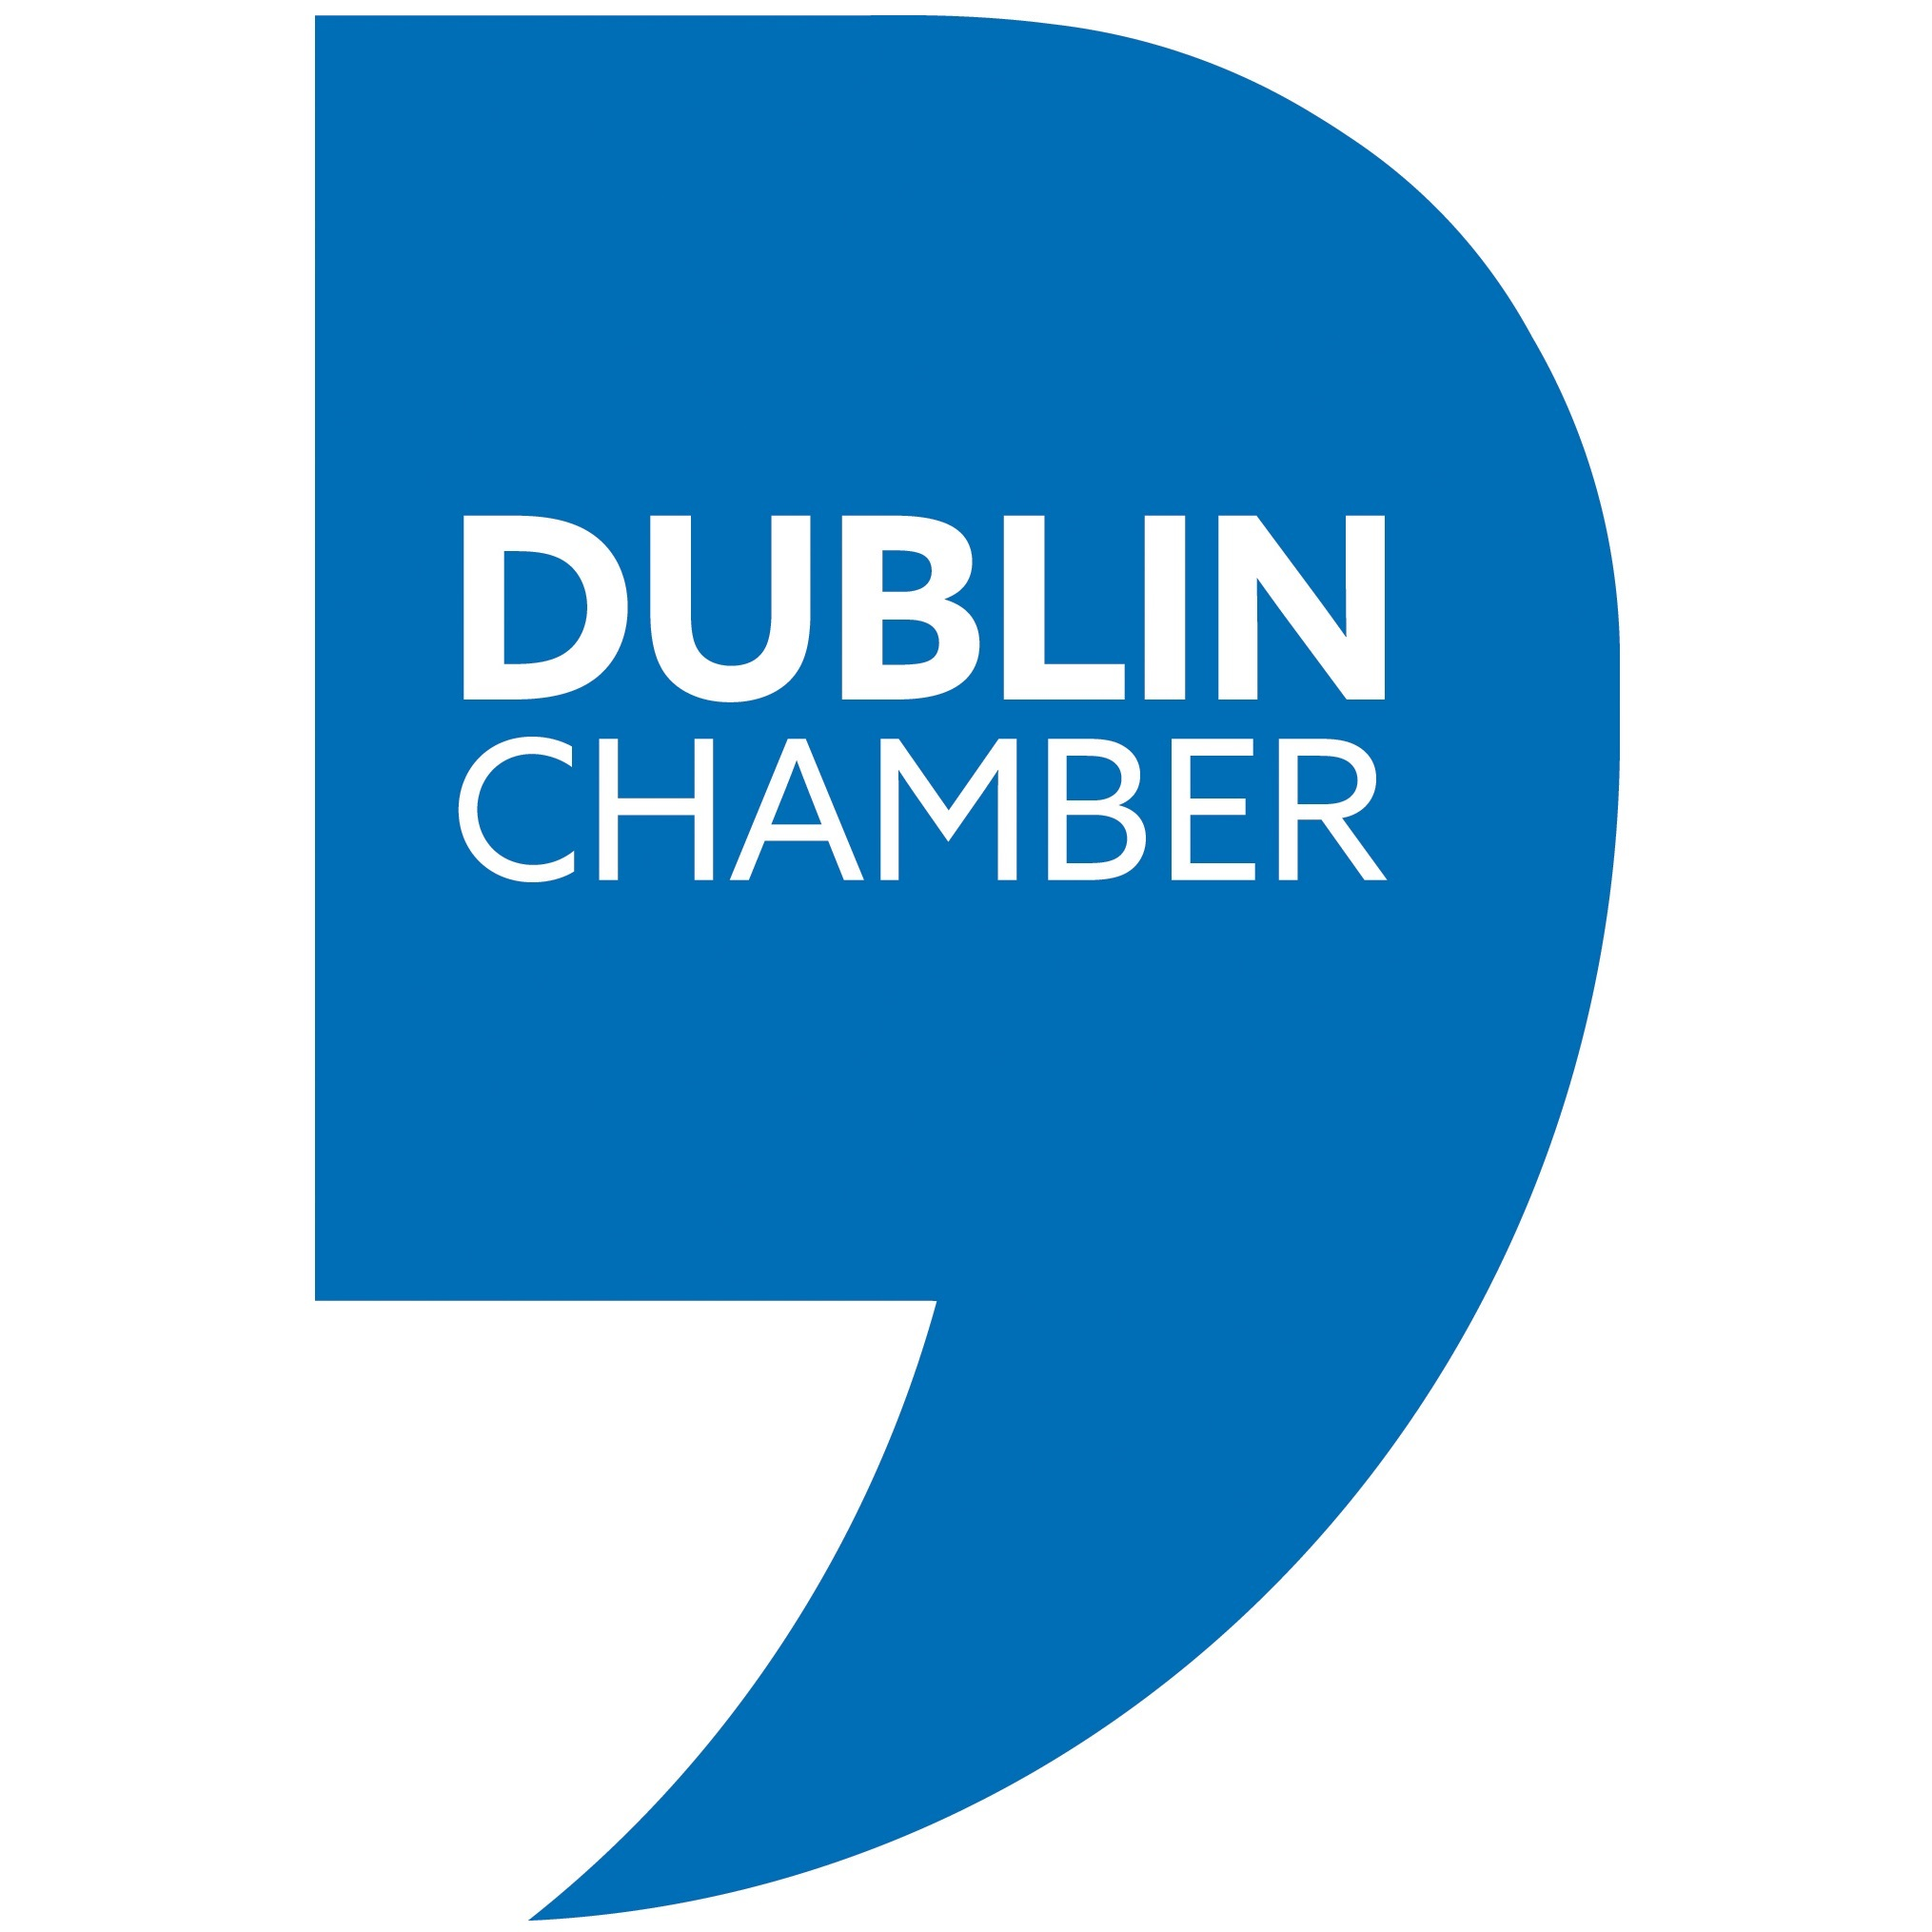 DUBLIN CHAMBER (coordinatore)